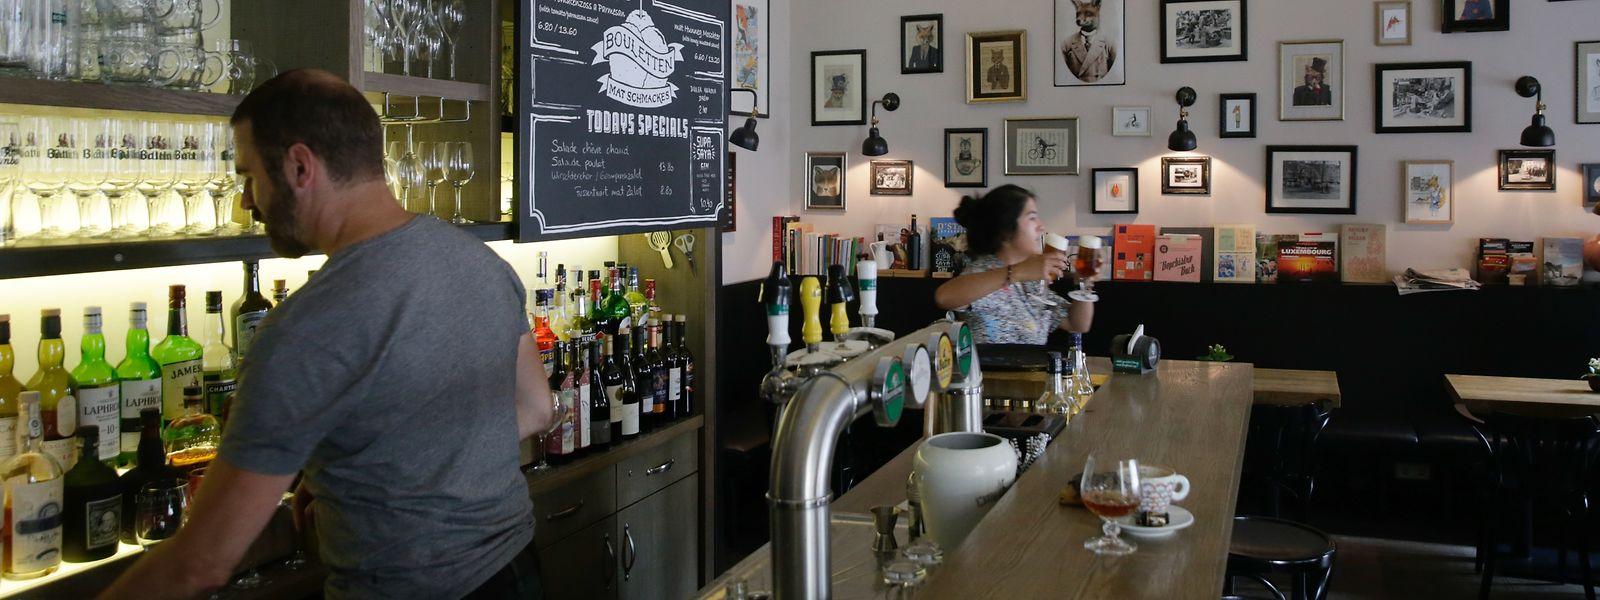 Das traditionsreiche Bistro Beim Renert am Knuedler wurde vor einigen Jahren übernommen und restauriert.